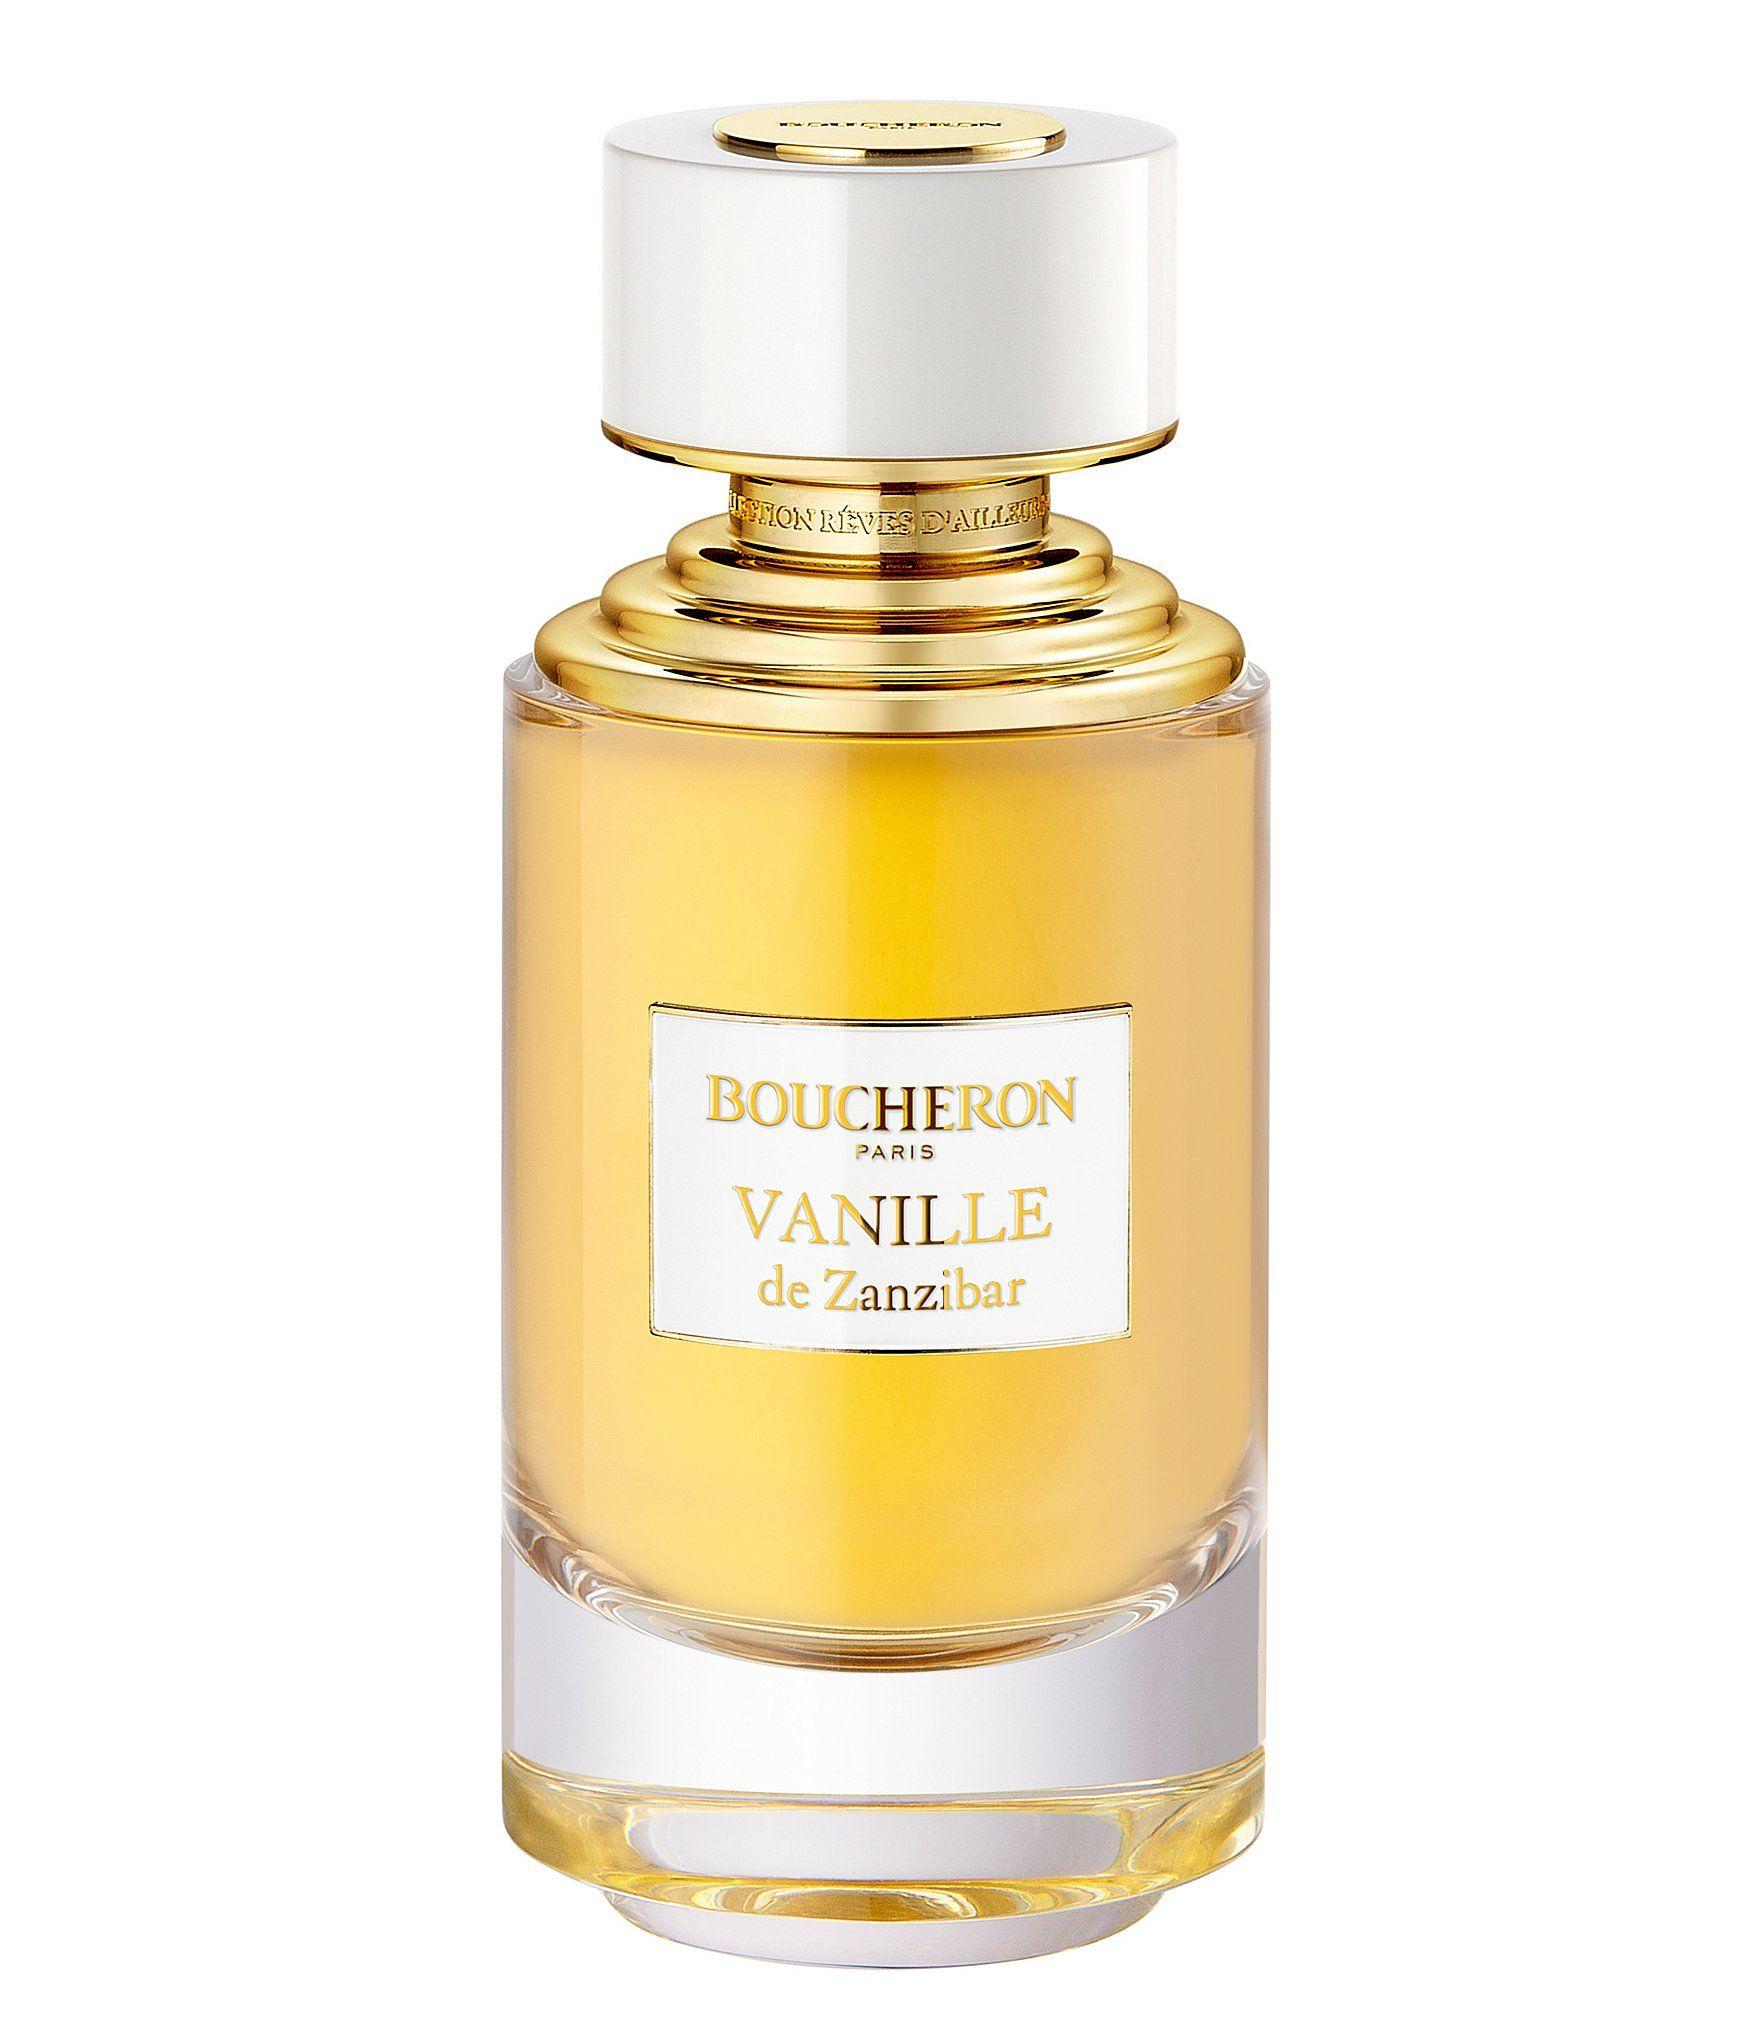 Boucheron Vanille de Zanzibar Eau de Prfum N/A 4.2 oz